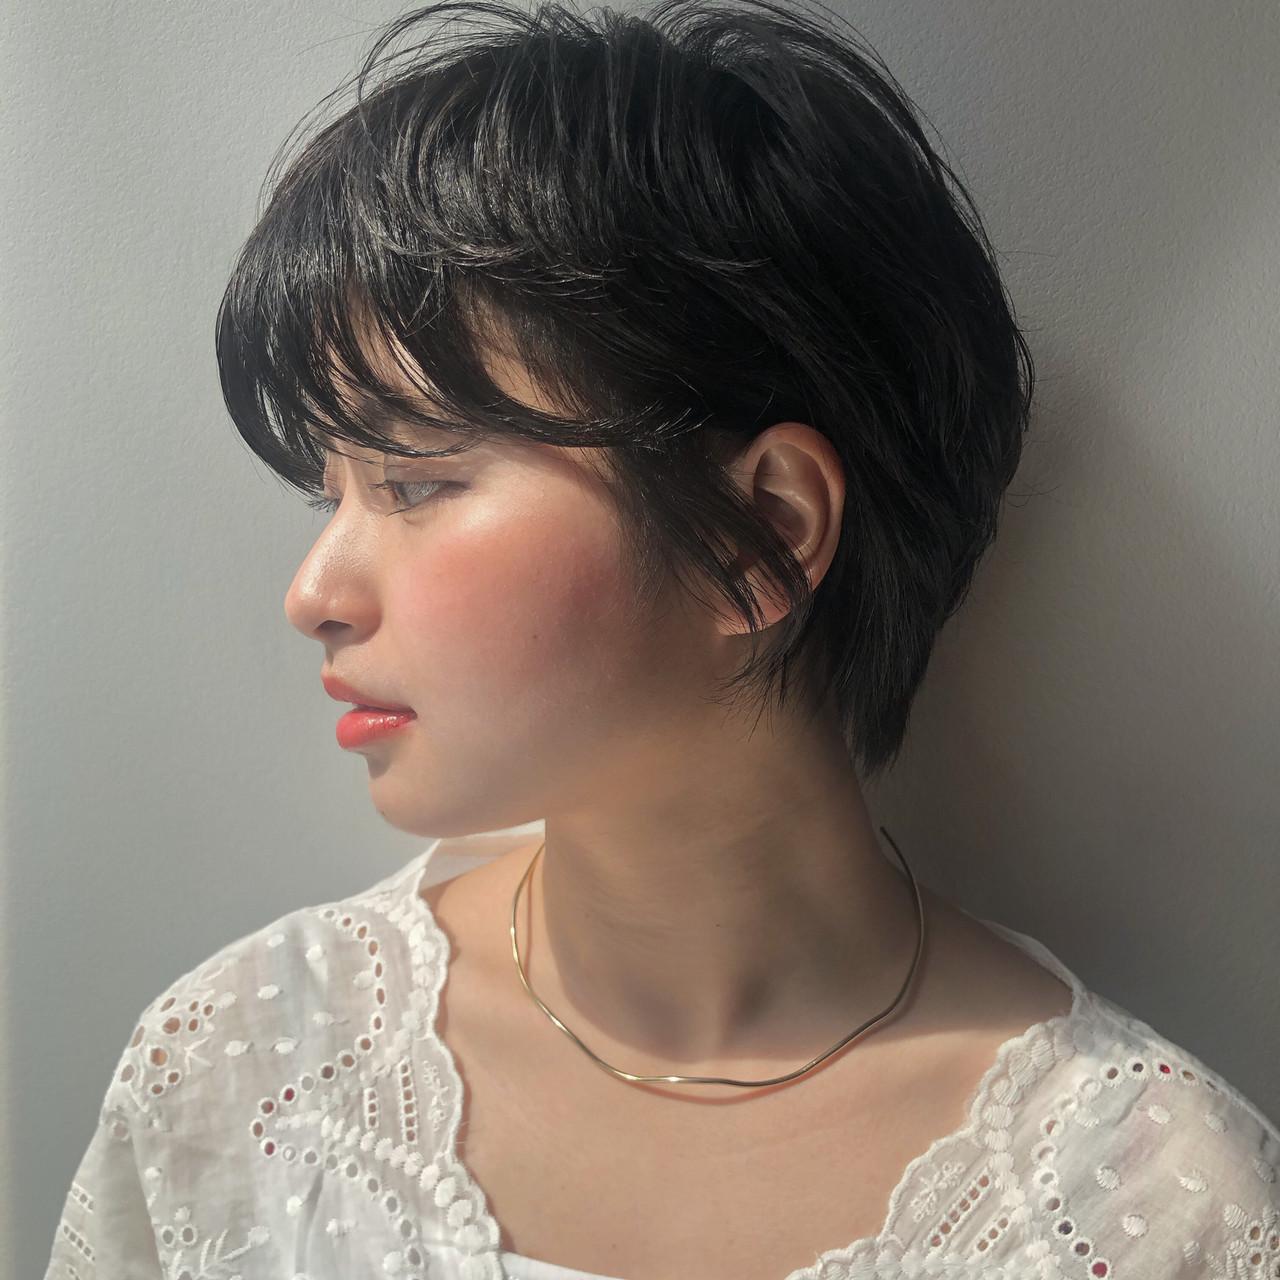 暗髪 ナチュラル デート ショート ヘアスタイルや髪型の写真・画像